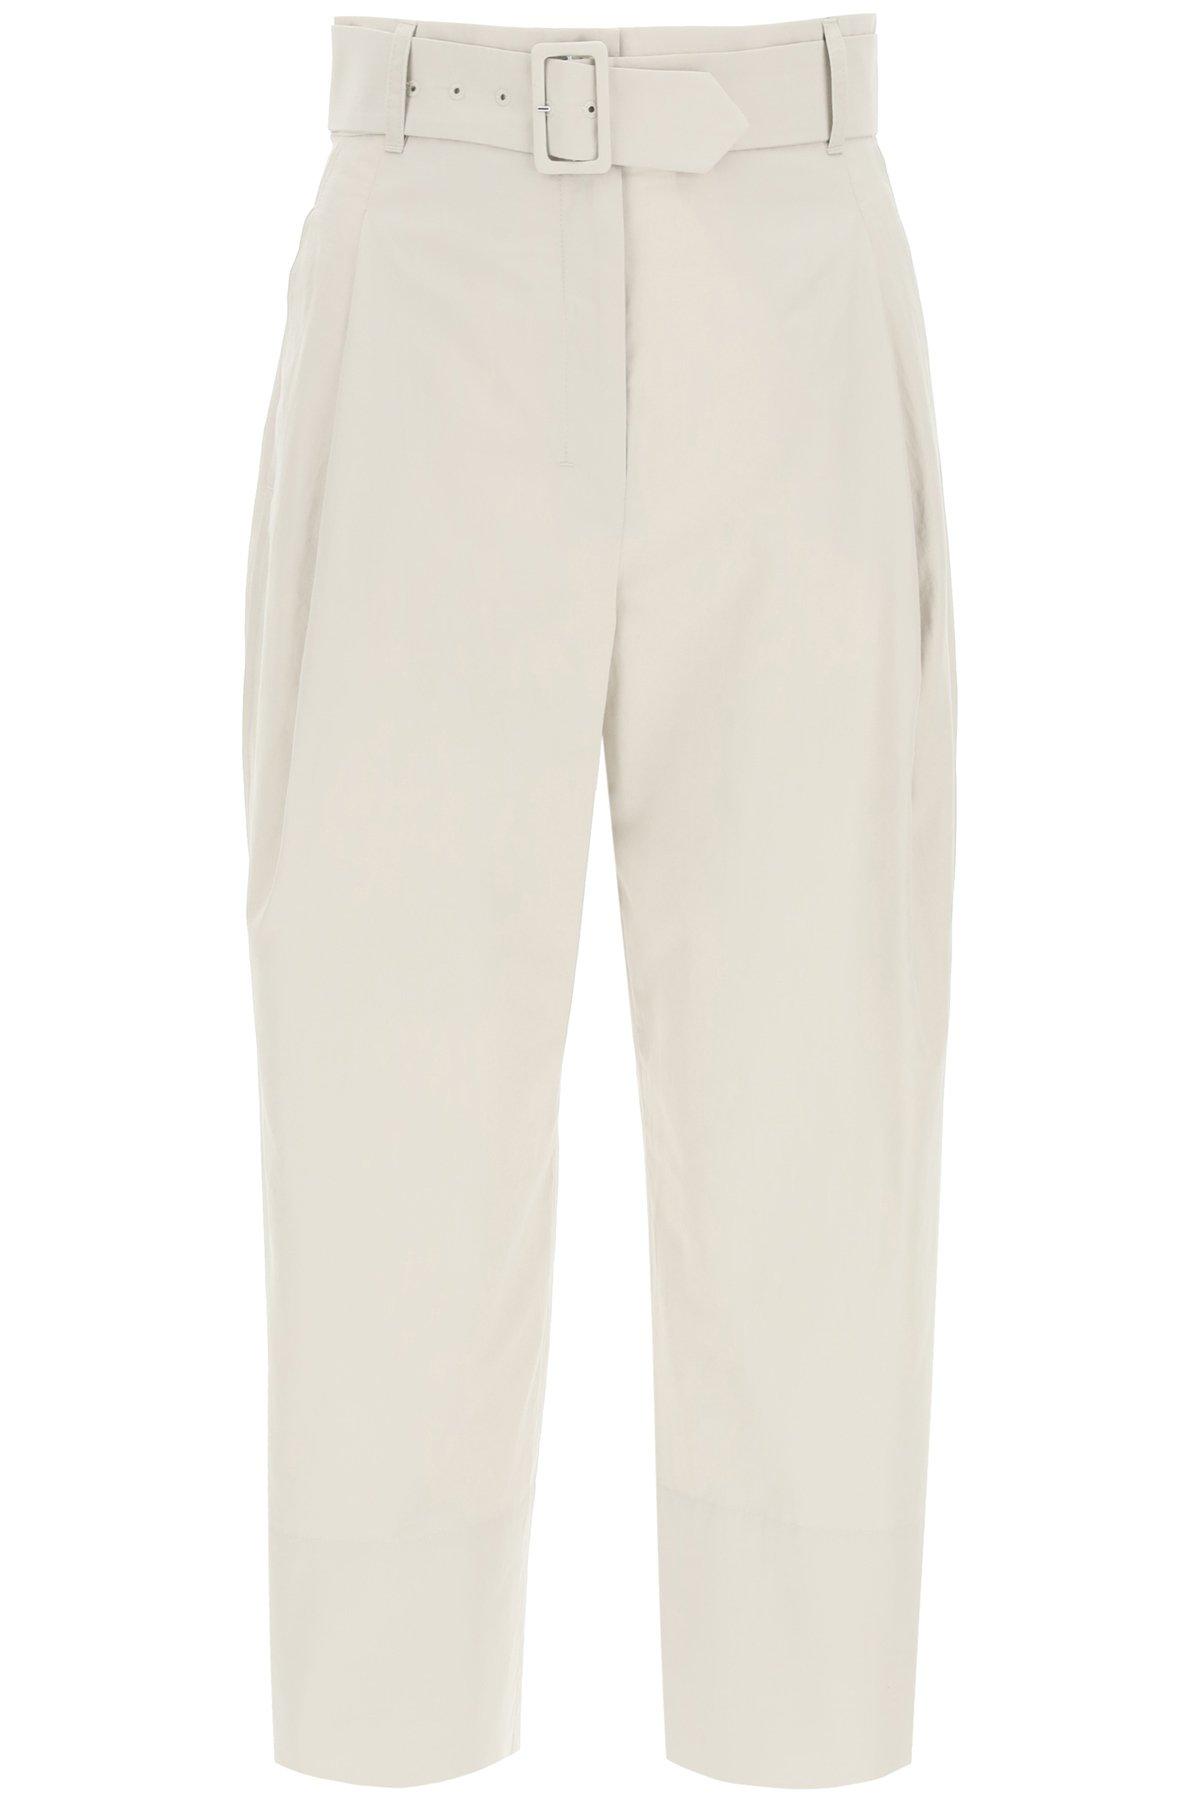 's max mara pantalone esperia in cotone